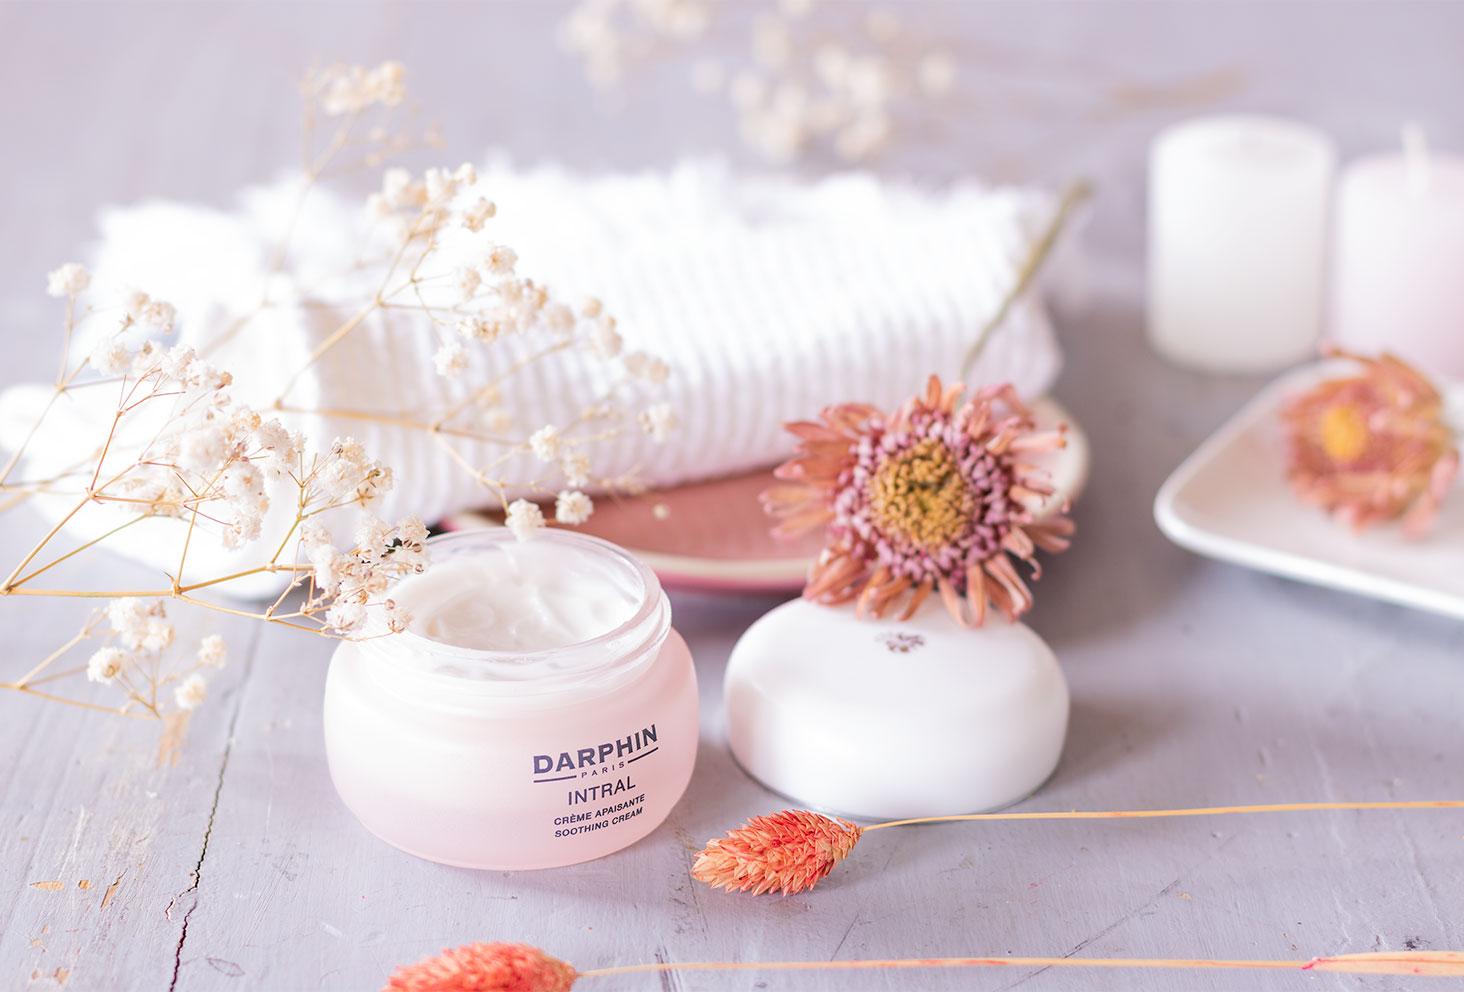 La crème apaisante INTRAL de Darphin au milieu de fleurs séchées